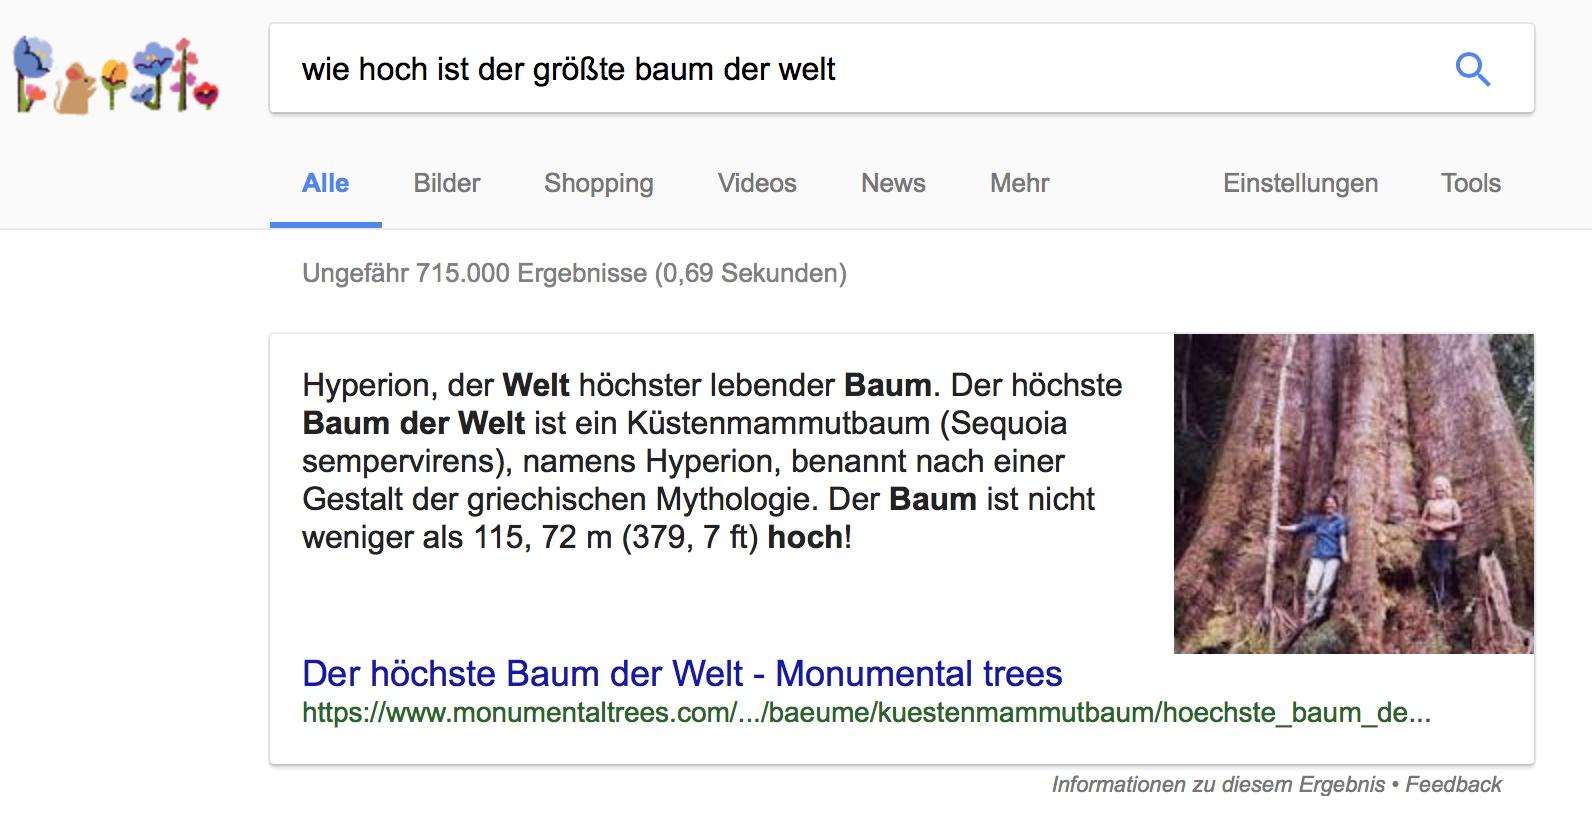 Beispiel eines Google Featured Snippet in den Suchergebnissen zur Frage: Wie hoch ist der größte Baum der Welt?